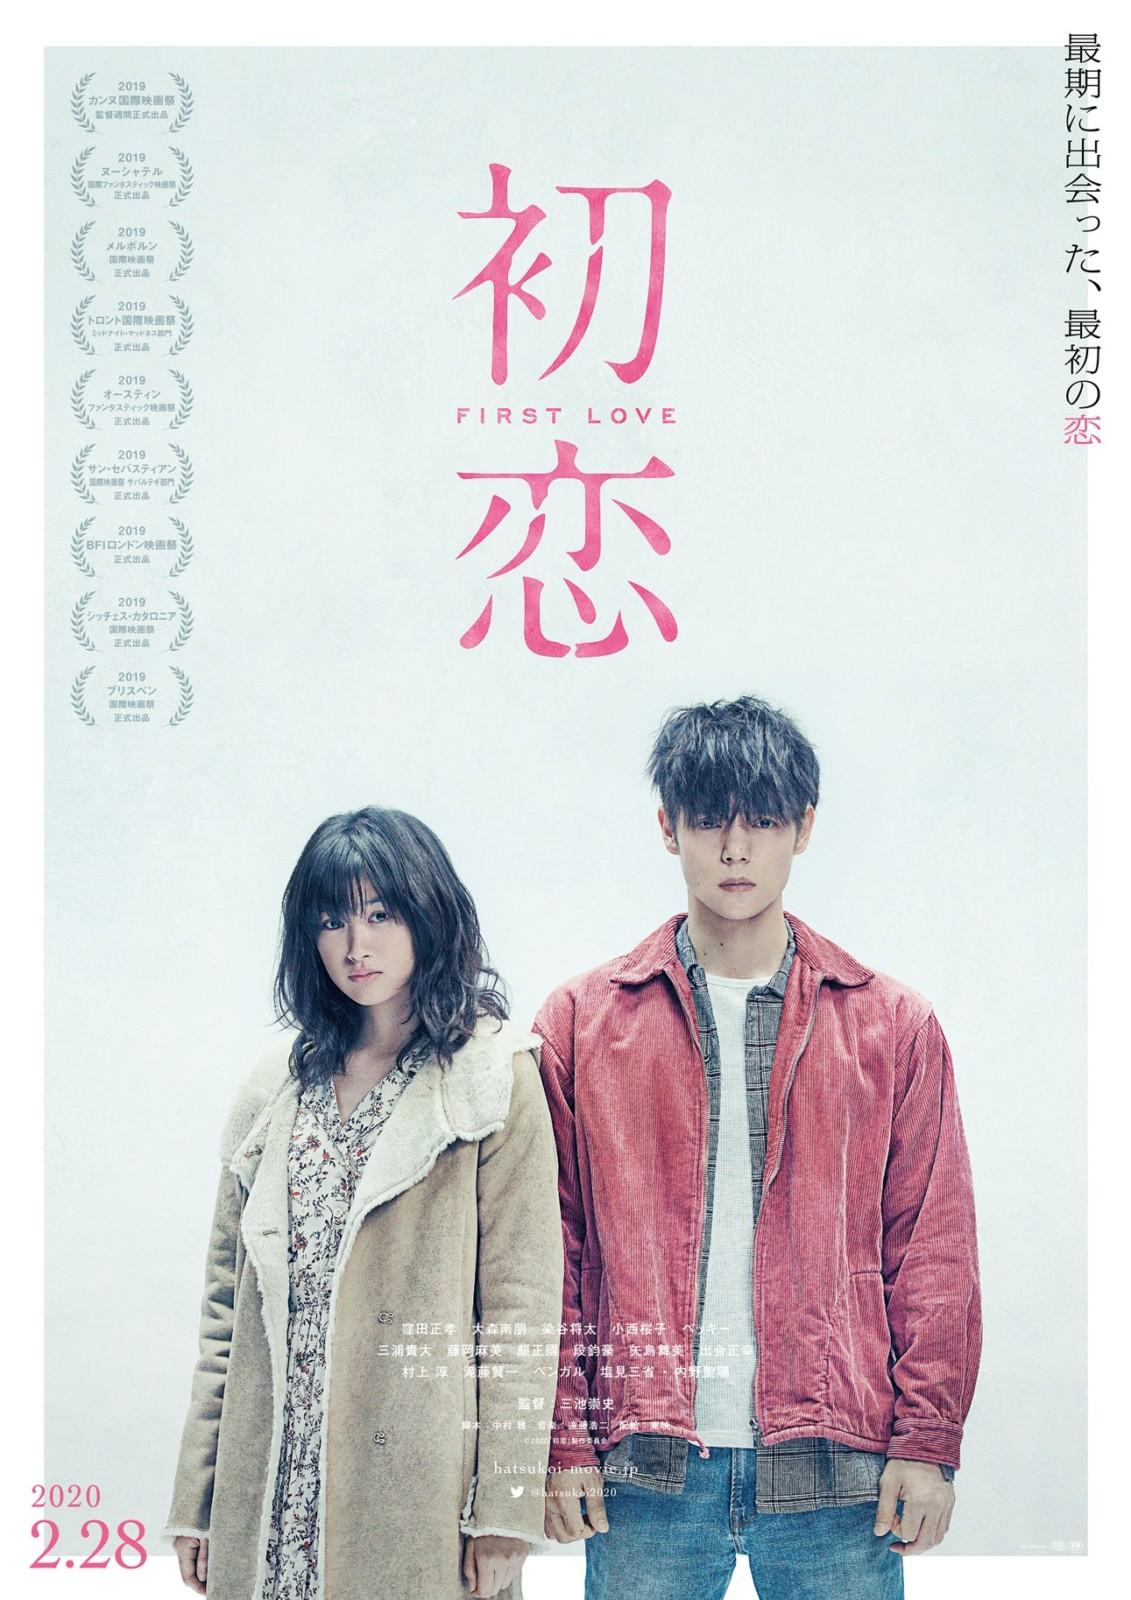 映画「初恋」✖️パブスタ タイアップキャンペーンスタート!